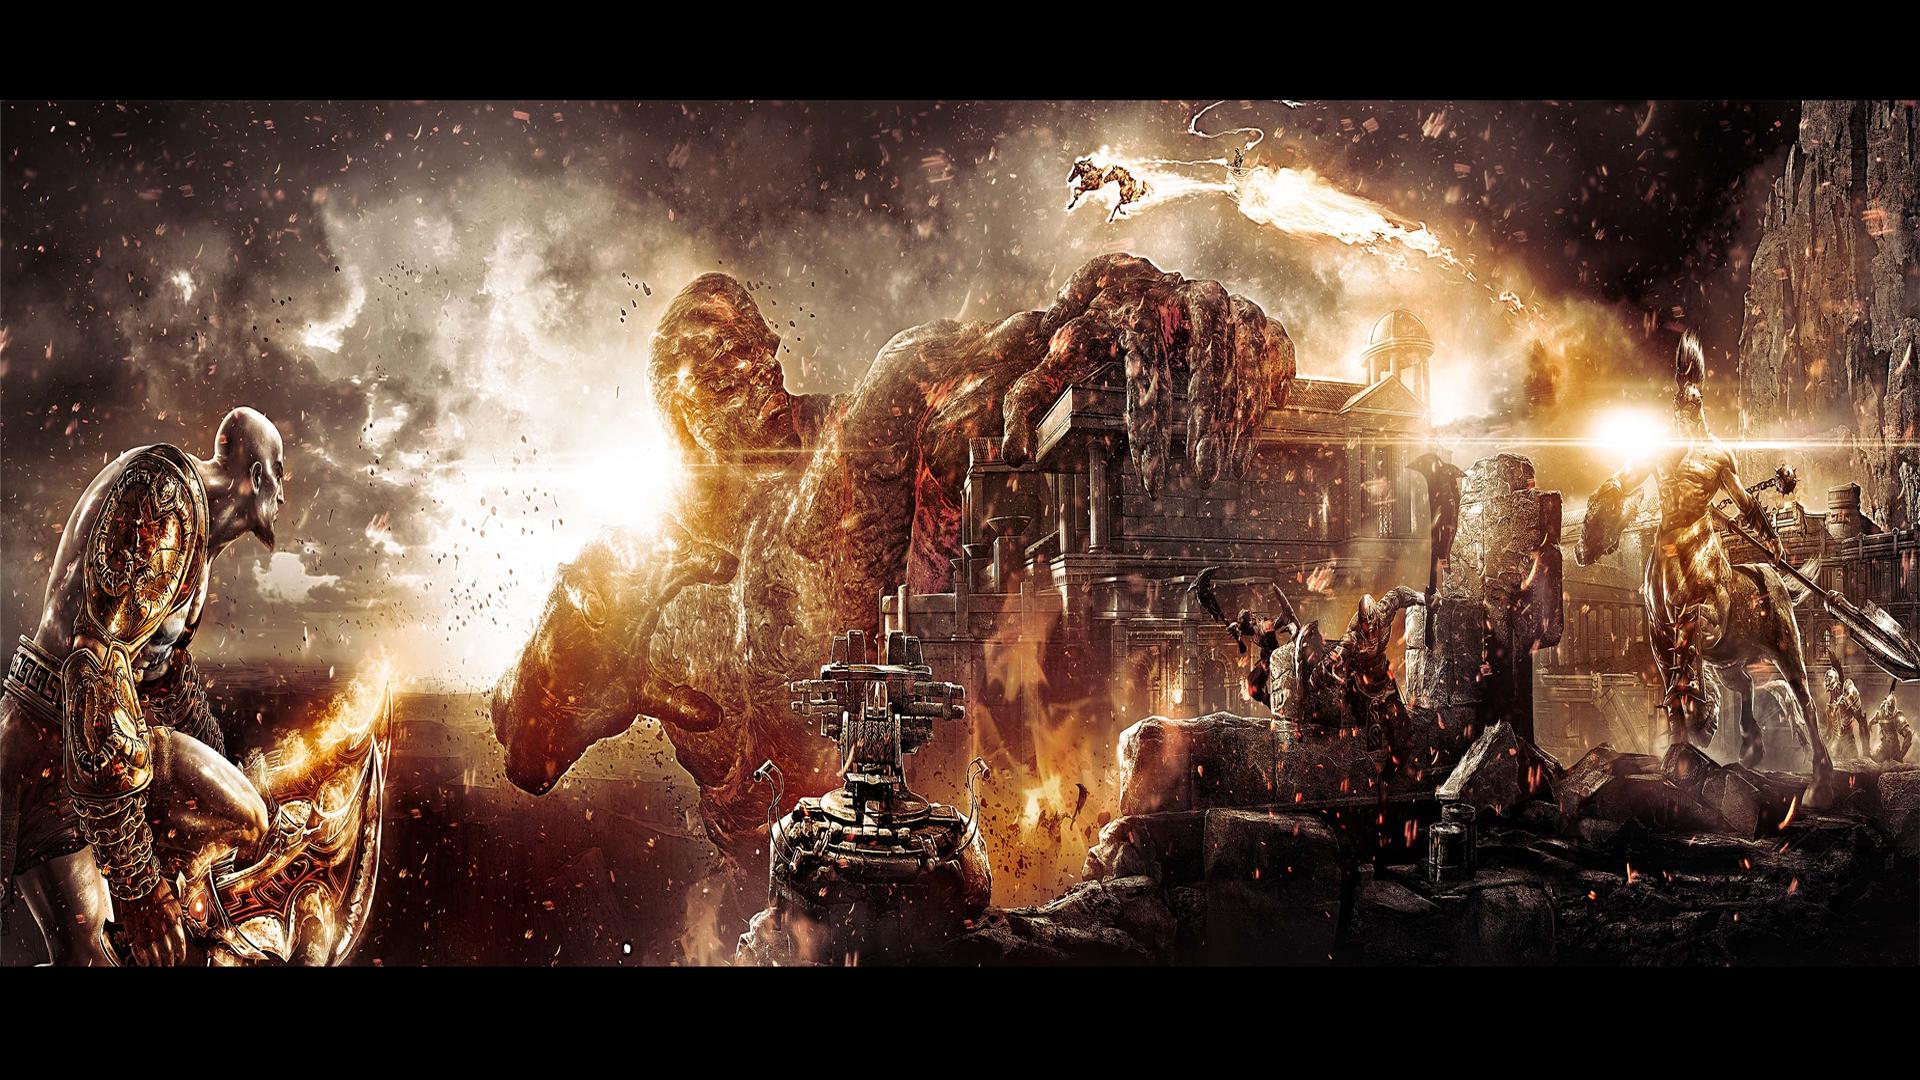 god of war wallpaper 1080p wallpapersafari